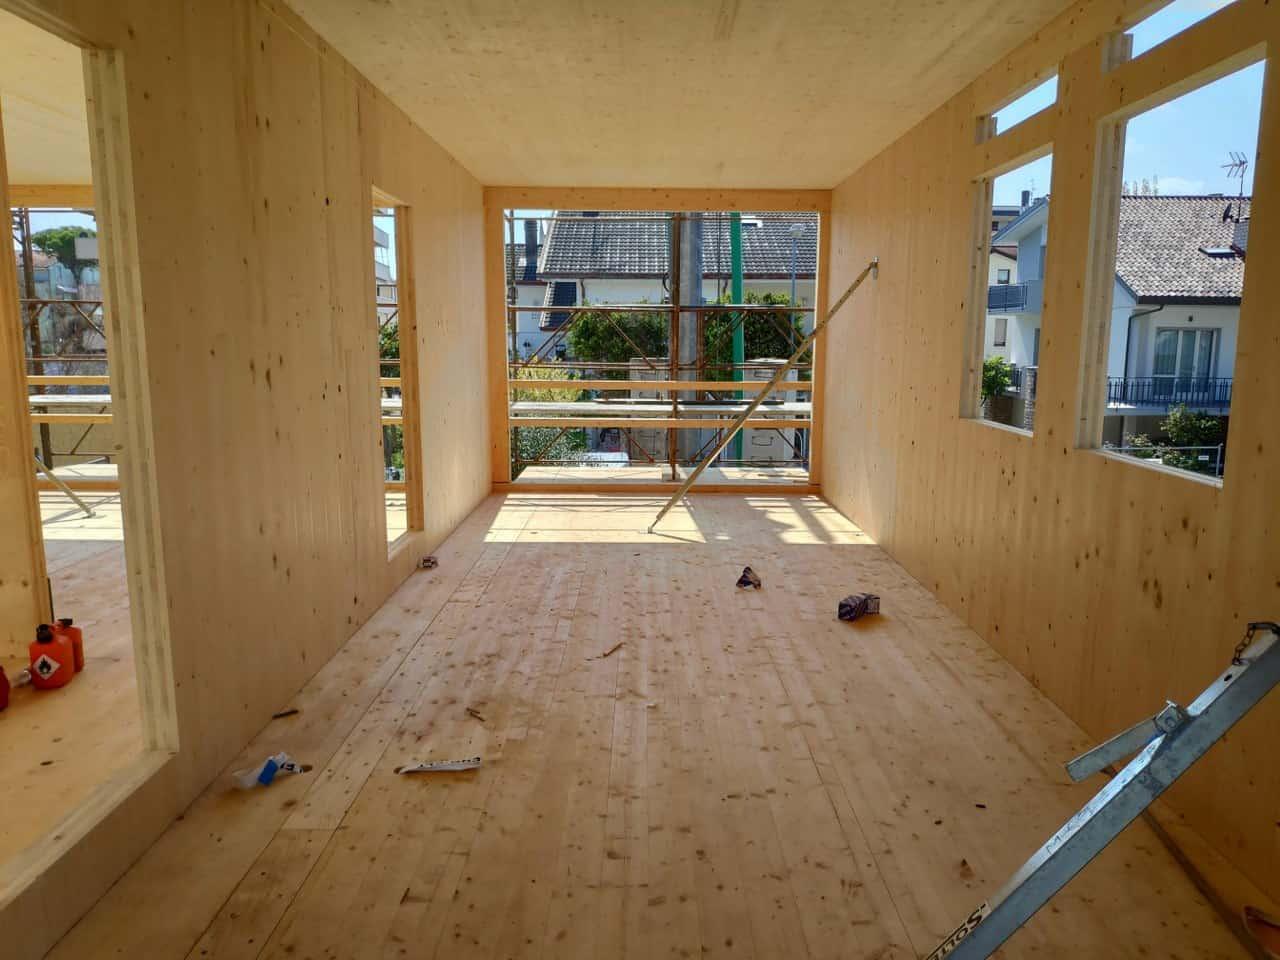 Residenza angelini prima casa passiva a riccione protek case in legno - Residenza prima casa ...